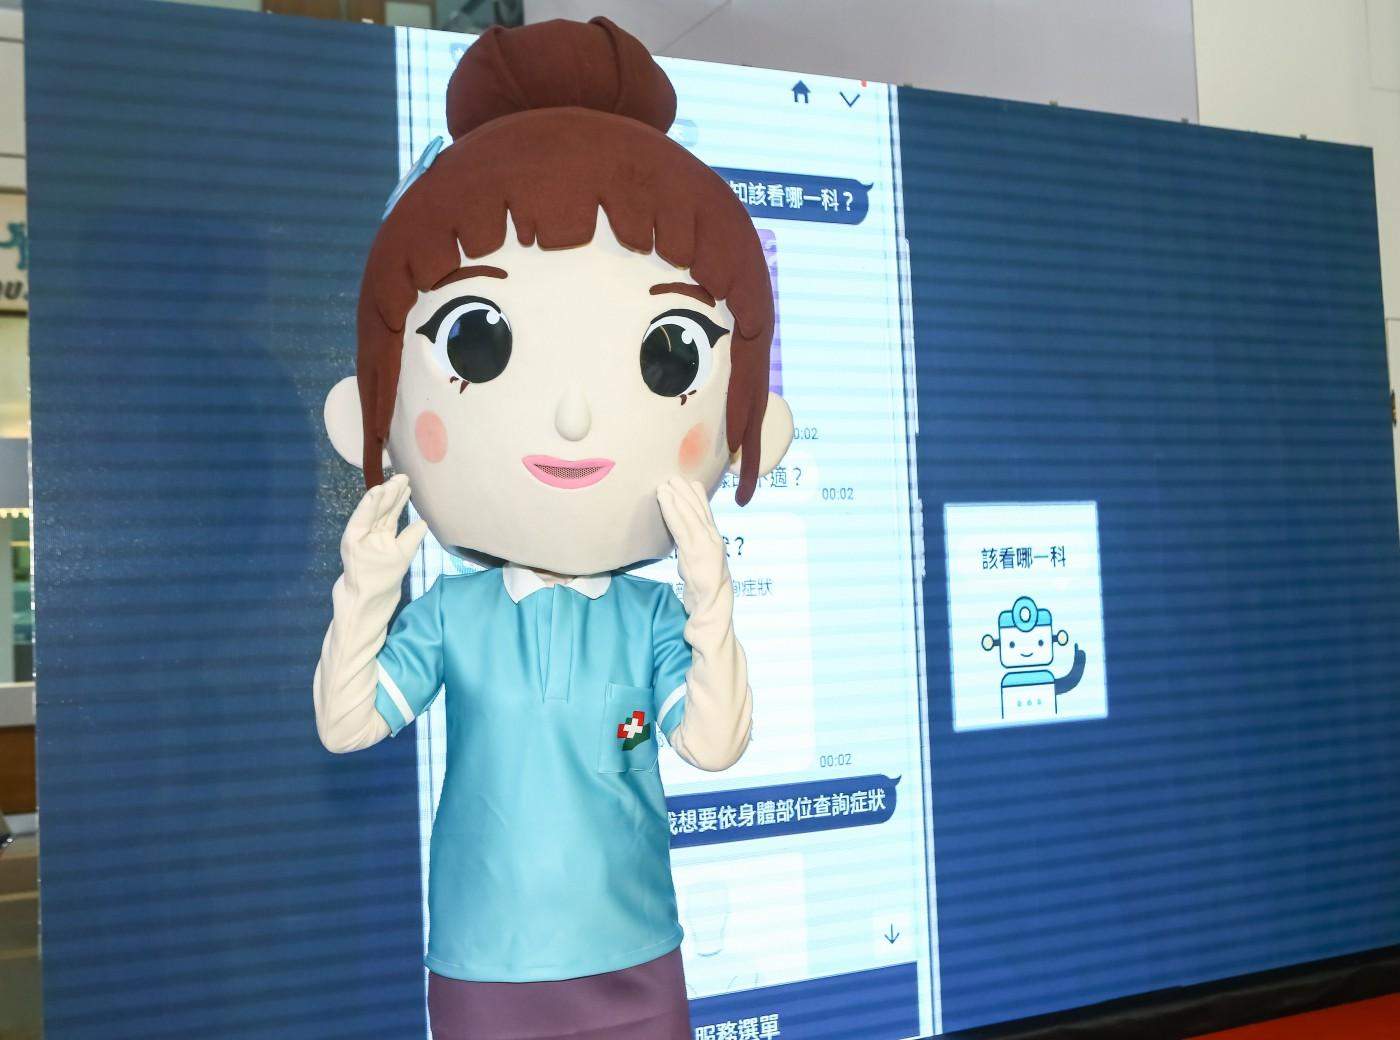 萬芳醫院攜手HTC,打造全台首款AI聊天機器人「萬小芳」幫你掛號